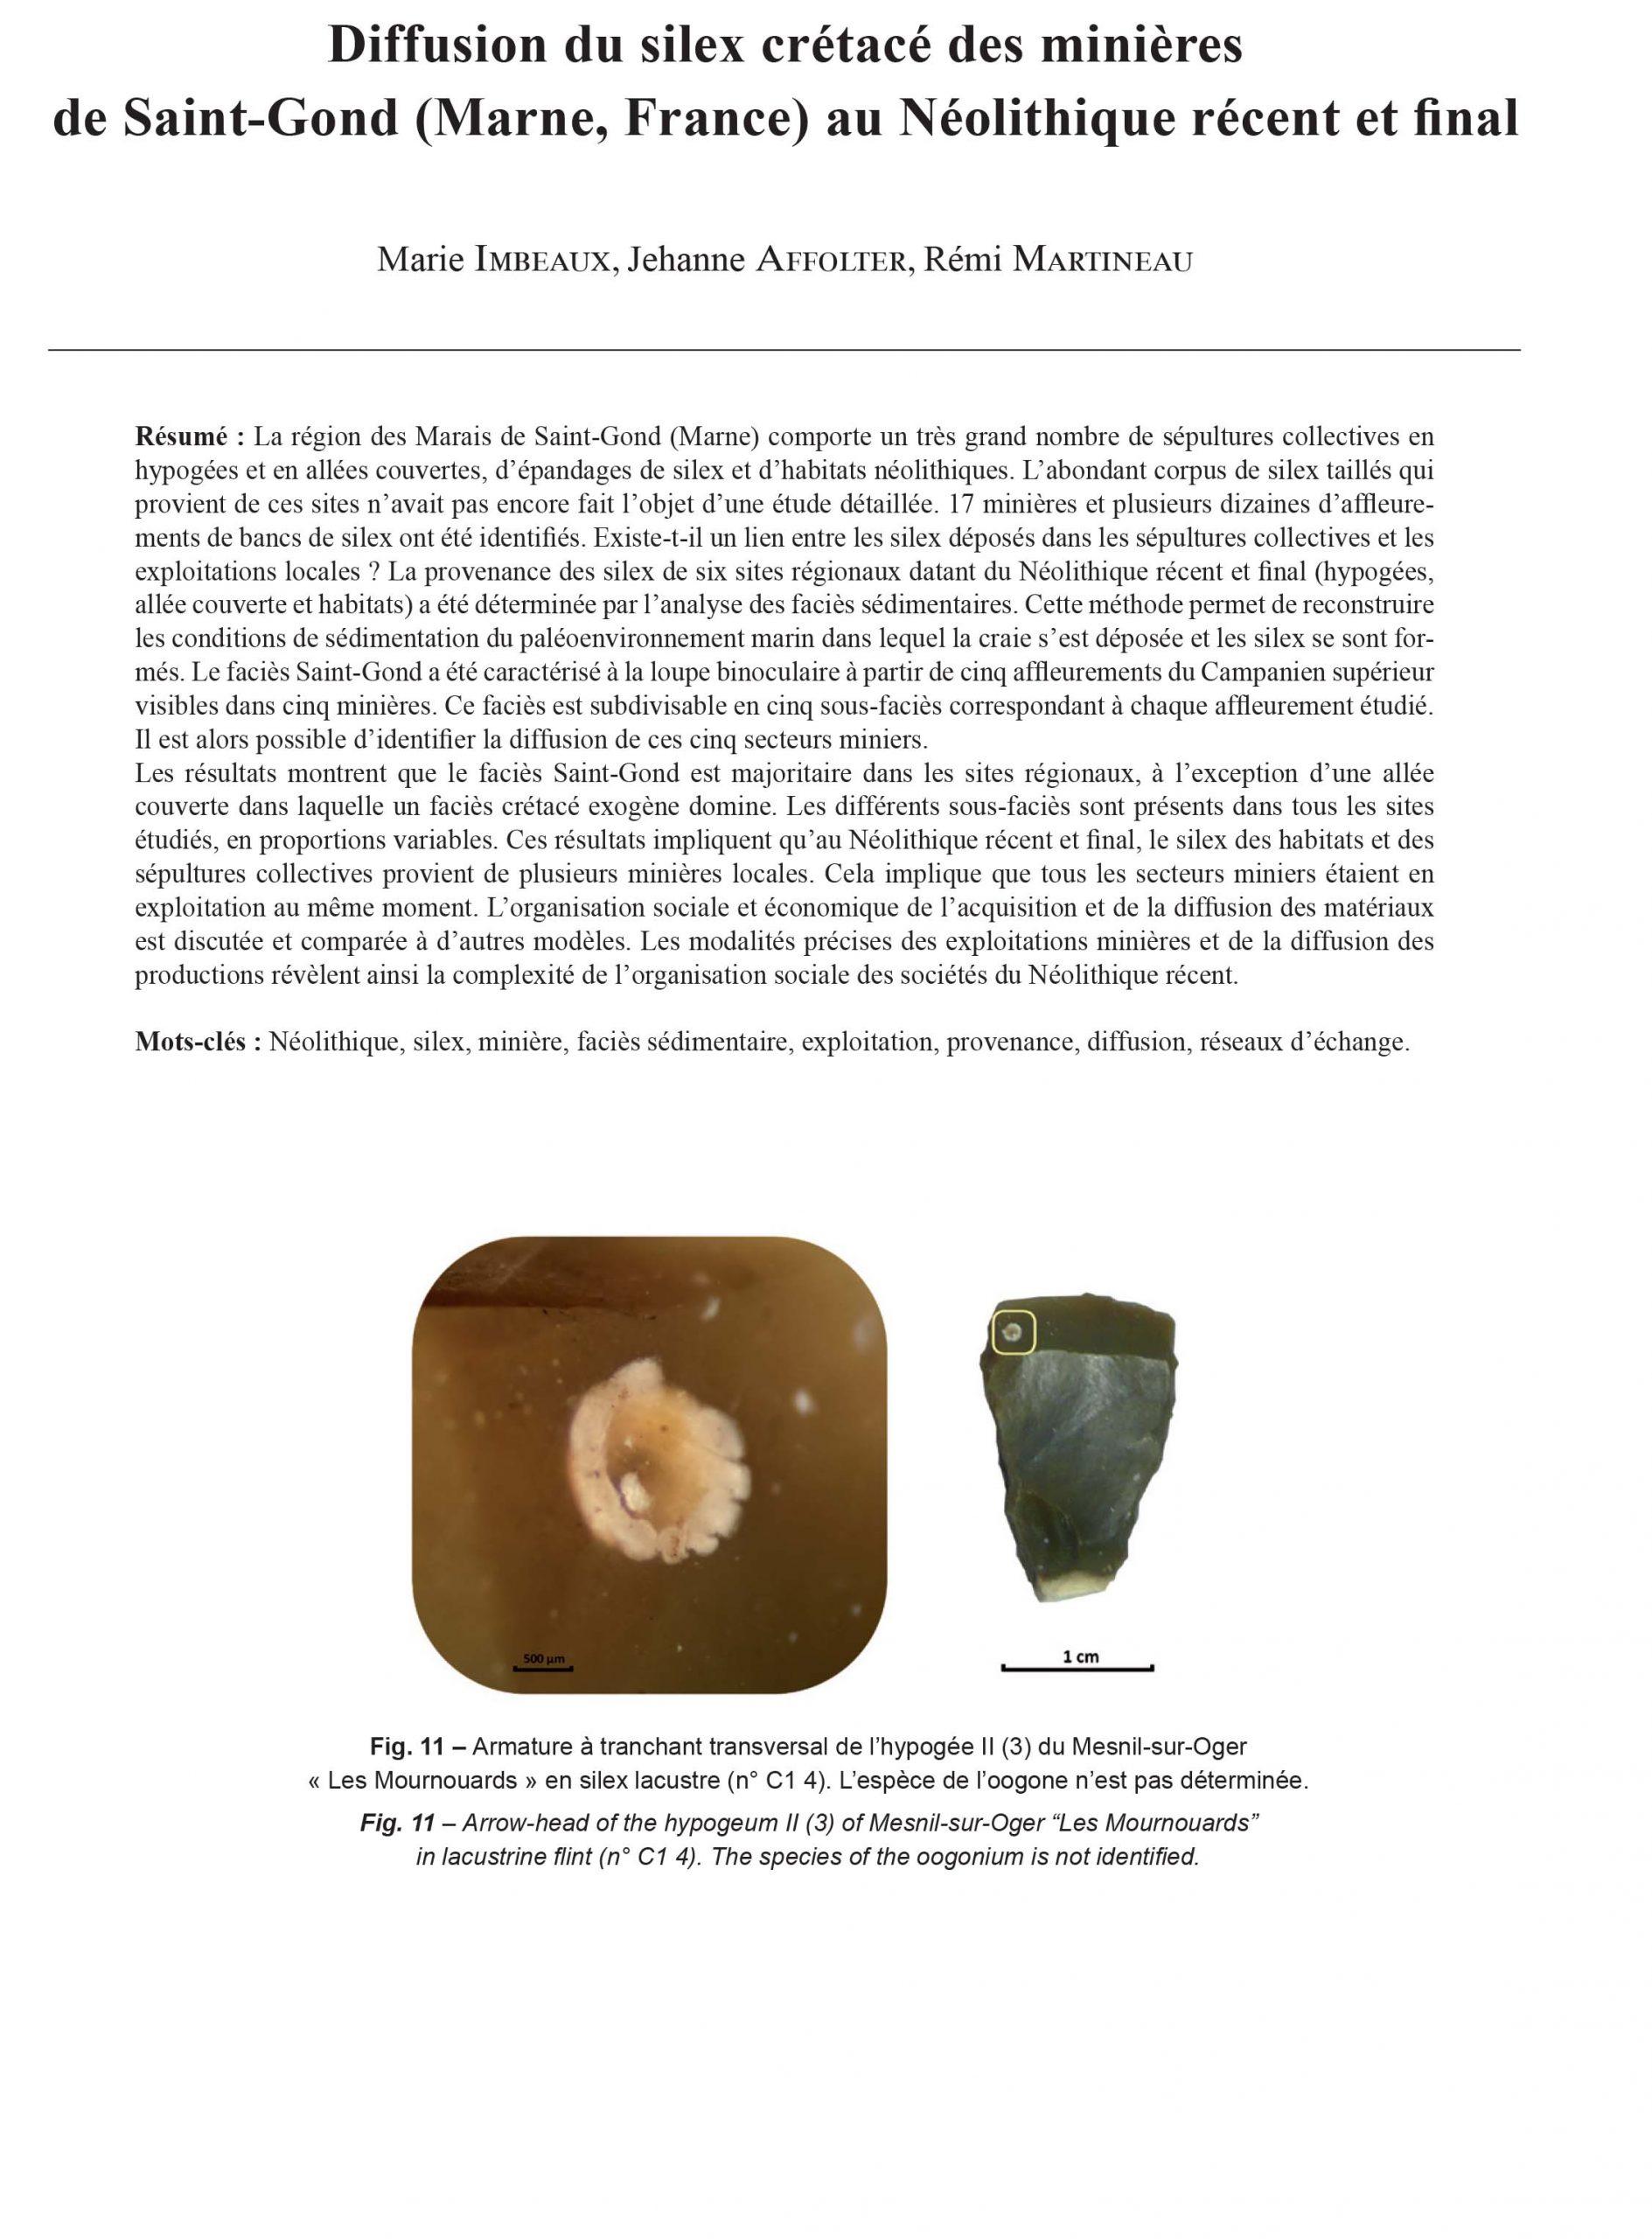 21-2018, Tome 115, 4, P. 733-767 - Imbeaux M., Affolter J., Martineau R.  (2018) – Diffusion Du Silex Crétacé Des Minières De Saint-Gond (Marne, encequiconcerne Pas Simple Du Tout Mots Fleches